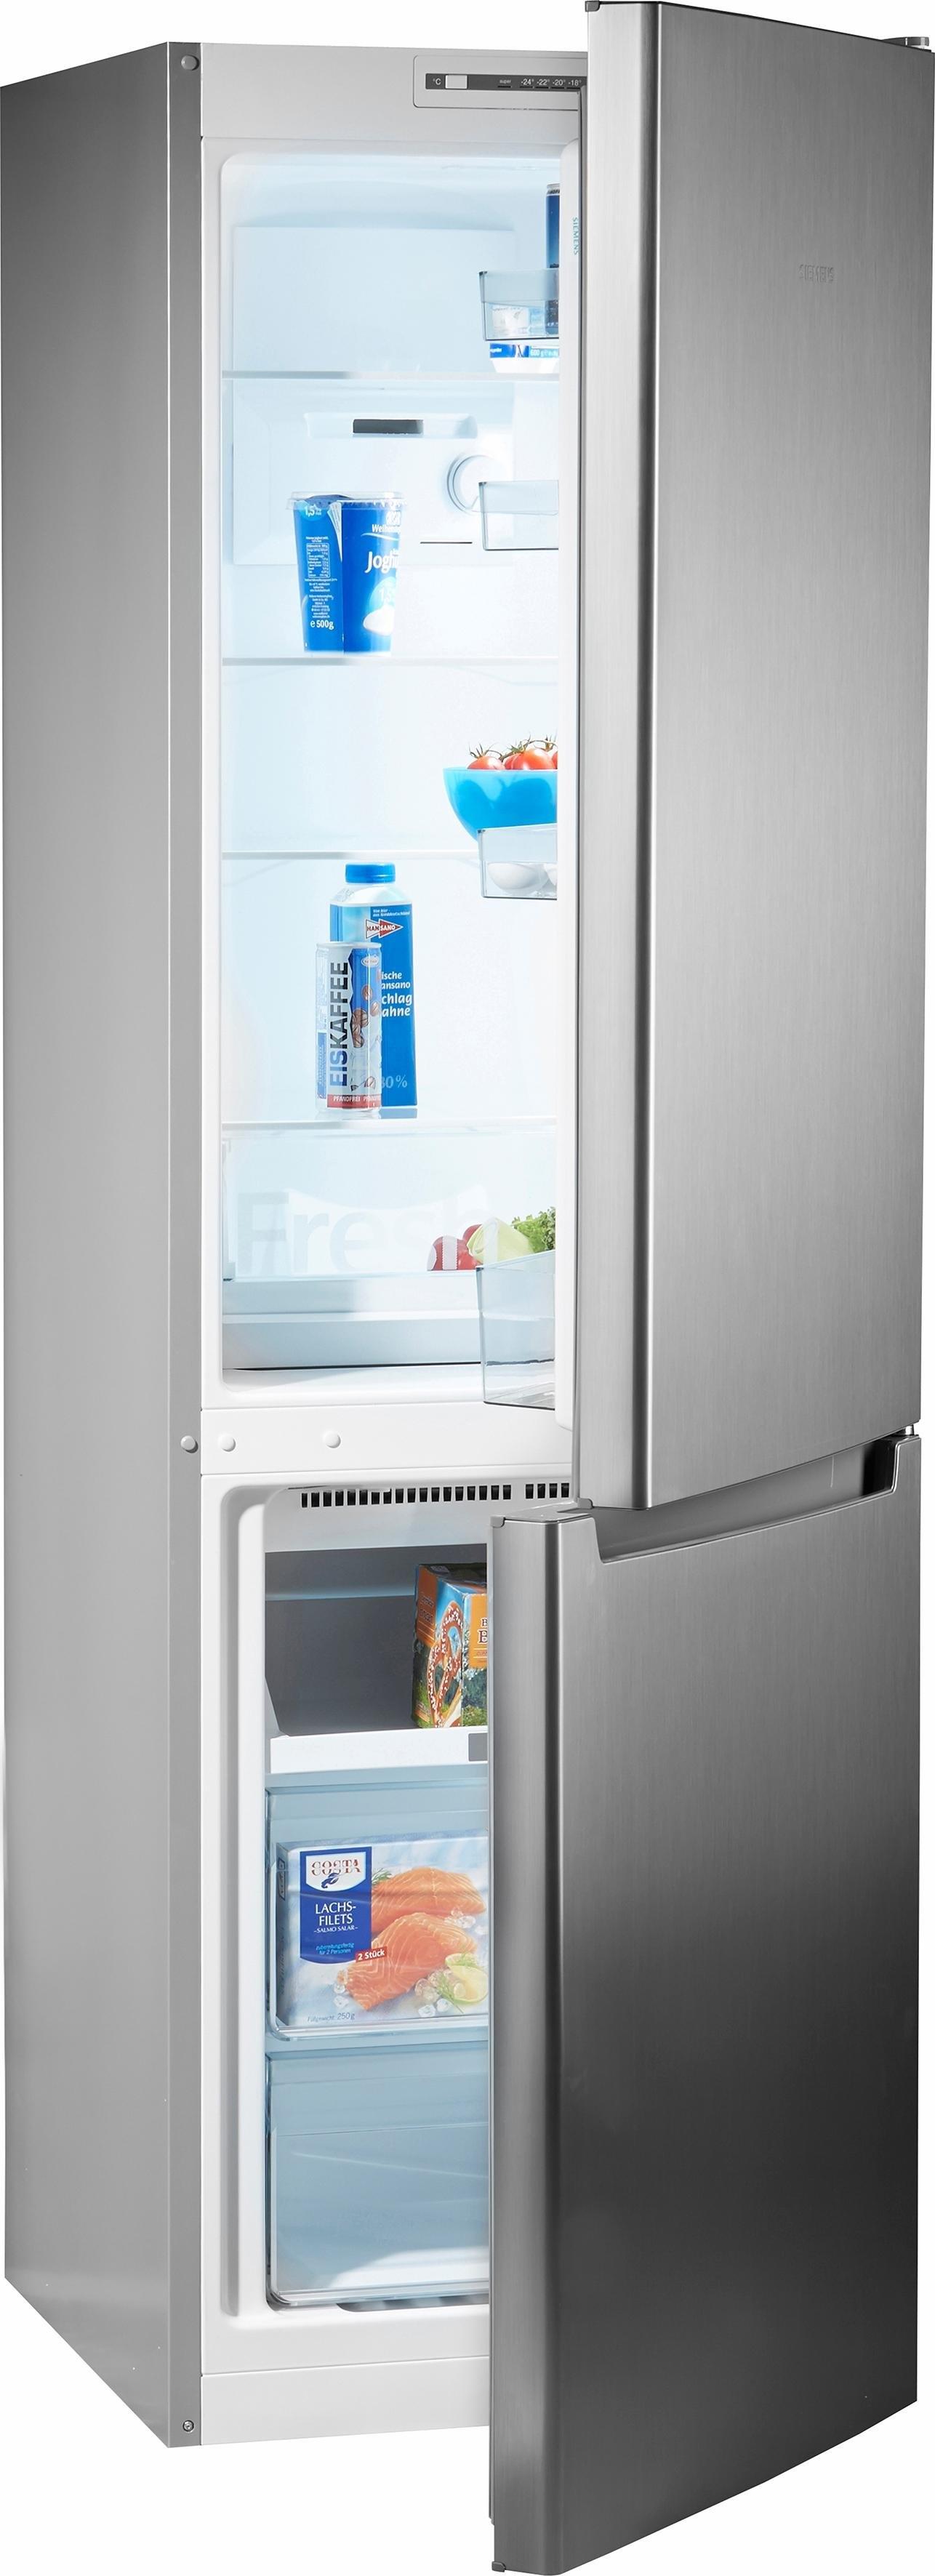 Siemens koel-vriescombinatie KG36NNL30, A++, 186 cm hoog, No Frost online kopen op otto.nl